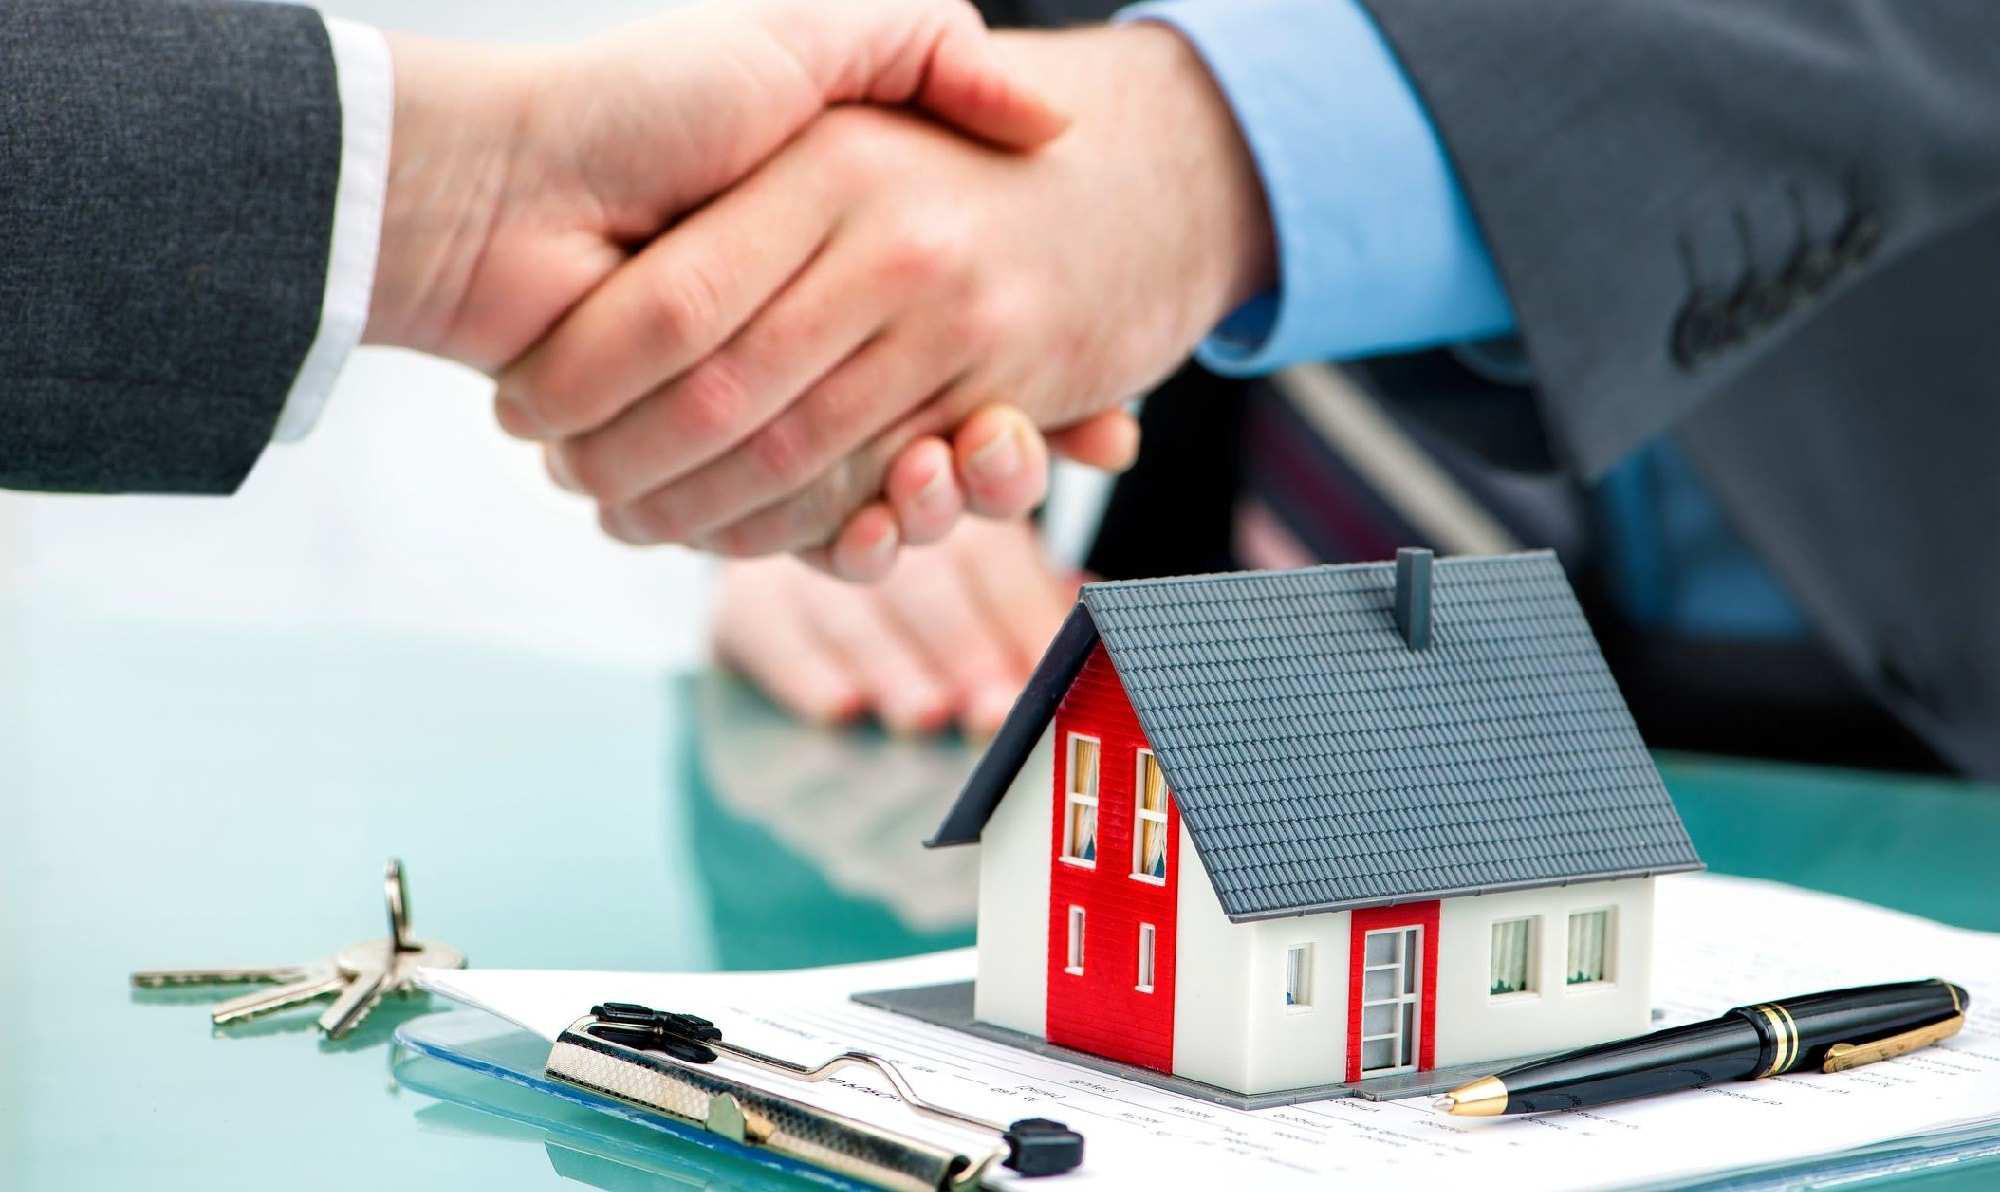 Trước khi xuống tiền mua căn nhà đầu tiên, cặp vợ chồng trẻ nên nghe 7 lời khuyên hữu ích này - Ảnh 5.